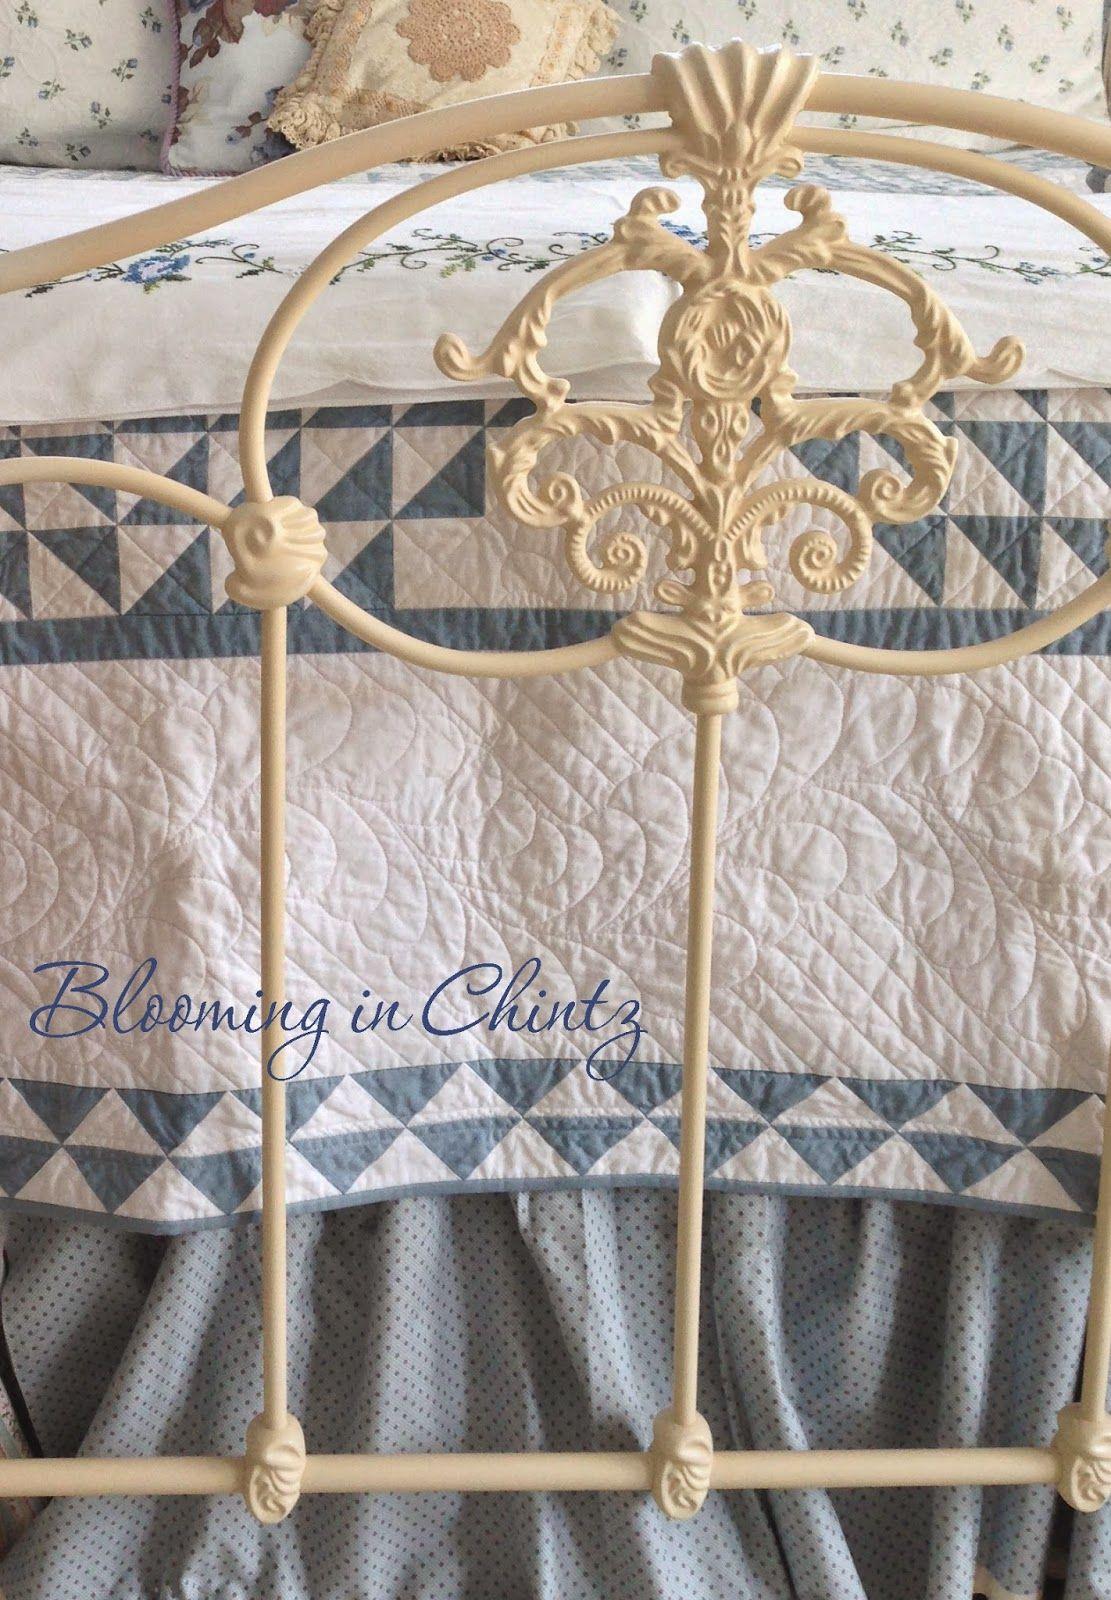 Blau Creme, Blau Und Weiß, Weiße Hütte, Antike Betten, Meereswellen, Weiße  Steppdecken, Schöne Schlafzimmer, Dekorative Gegenstände, Schlafzimmer